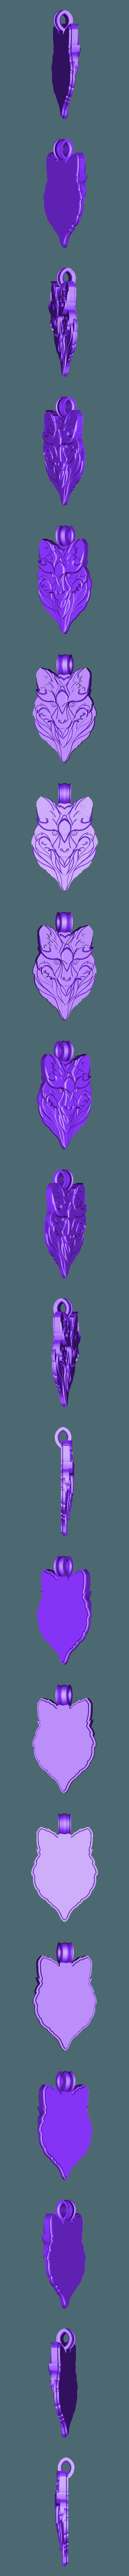 kylonFOX.stl Télécharger fichier STL gratuit Pendentif Fox • Plan imprimable en 3D, Skap14